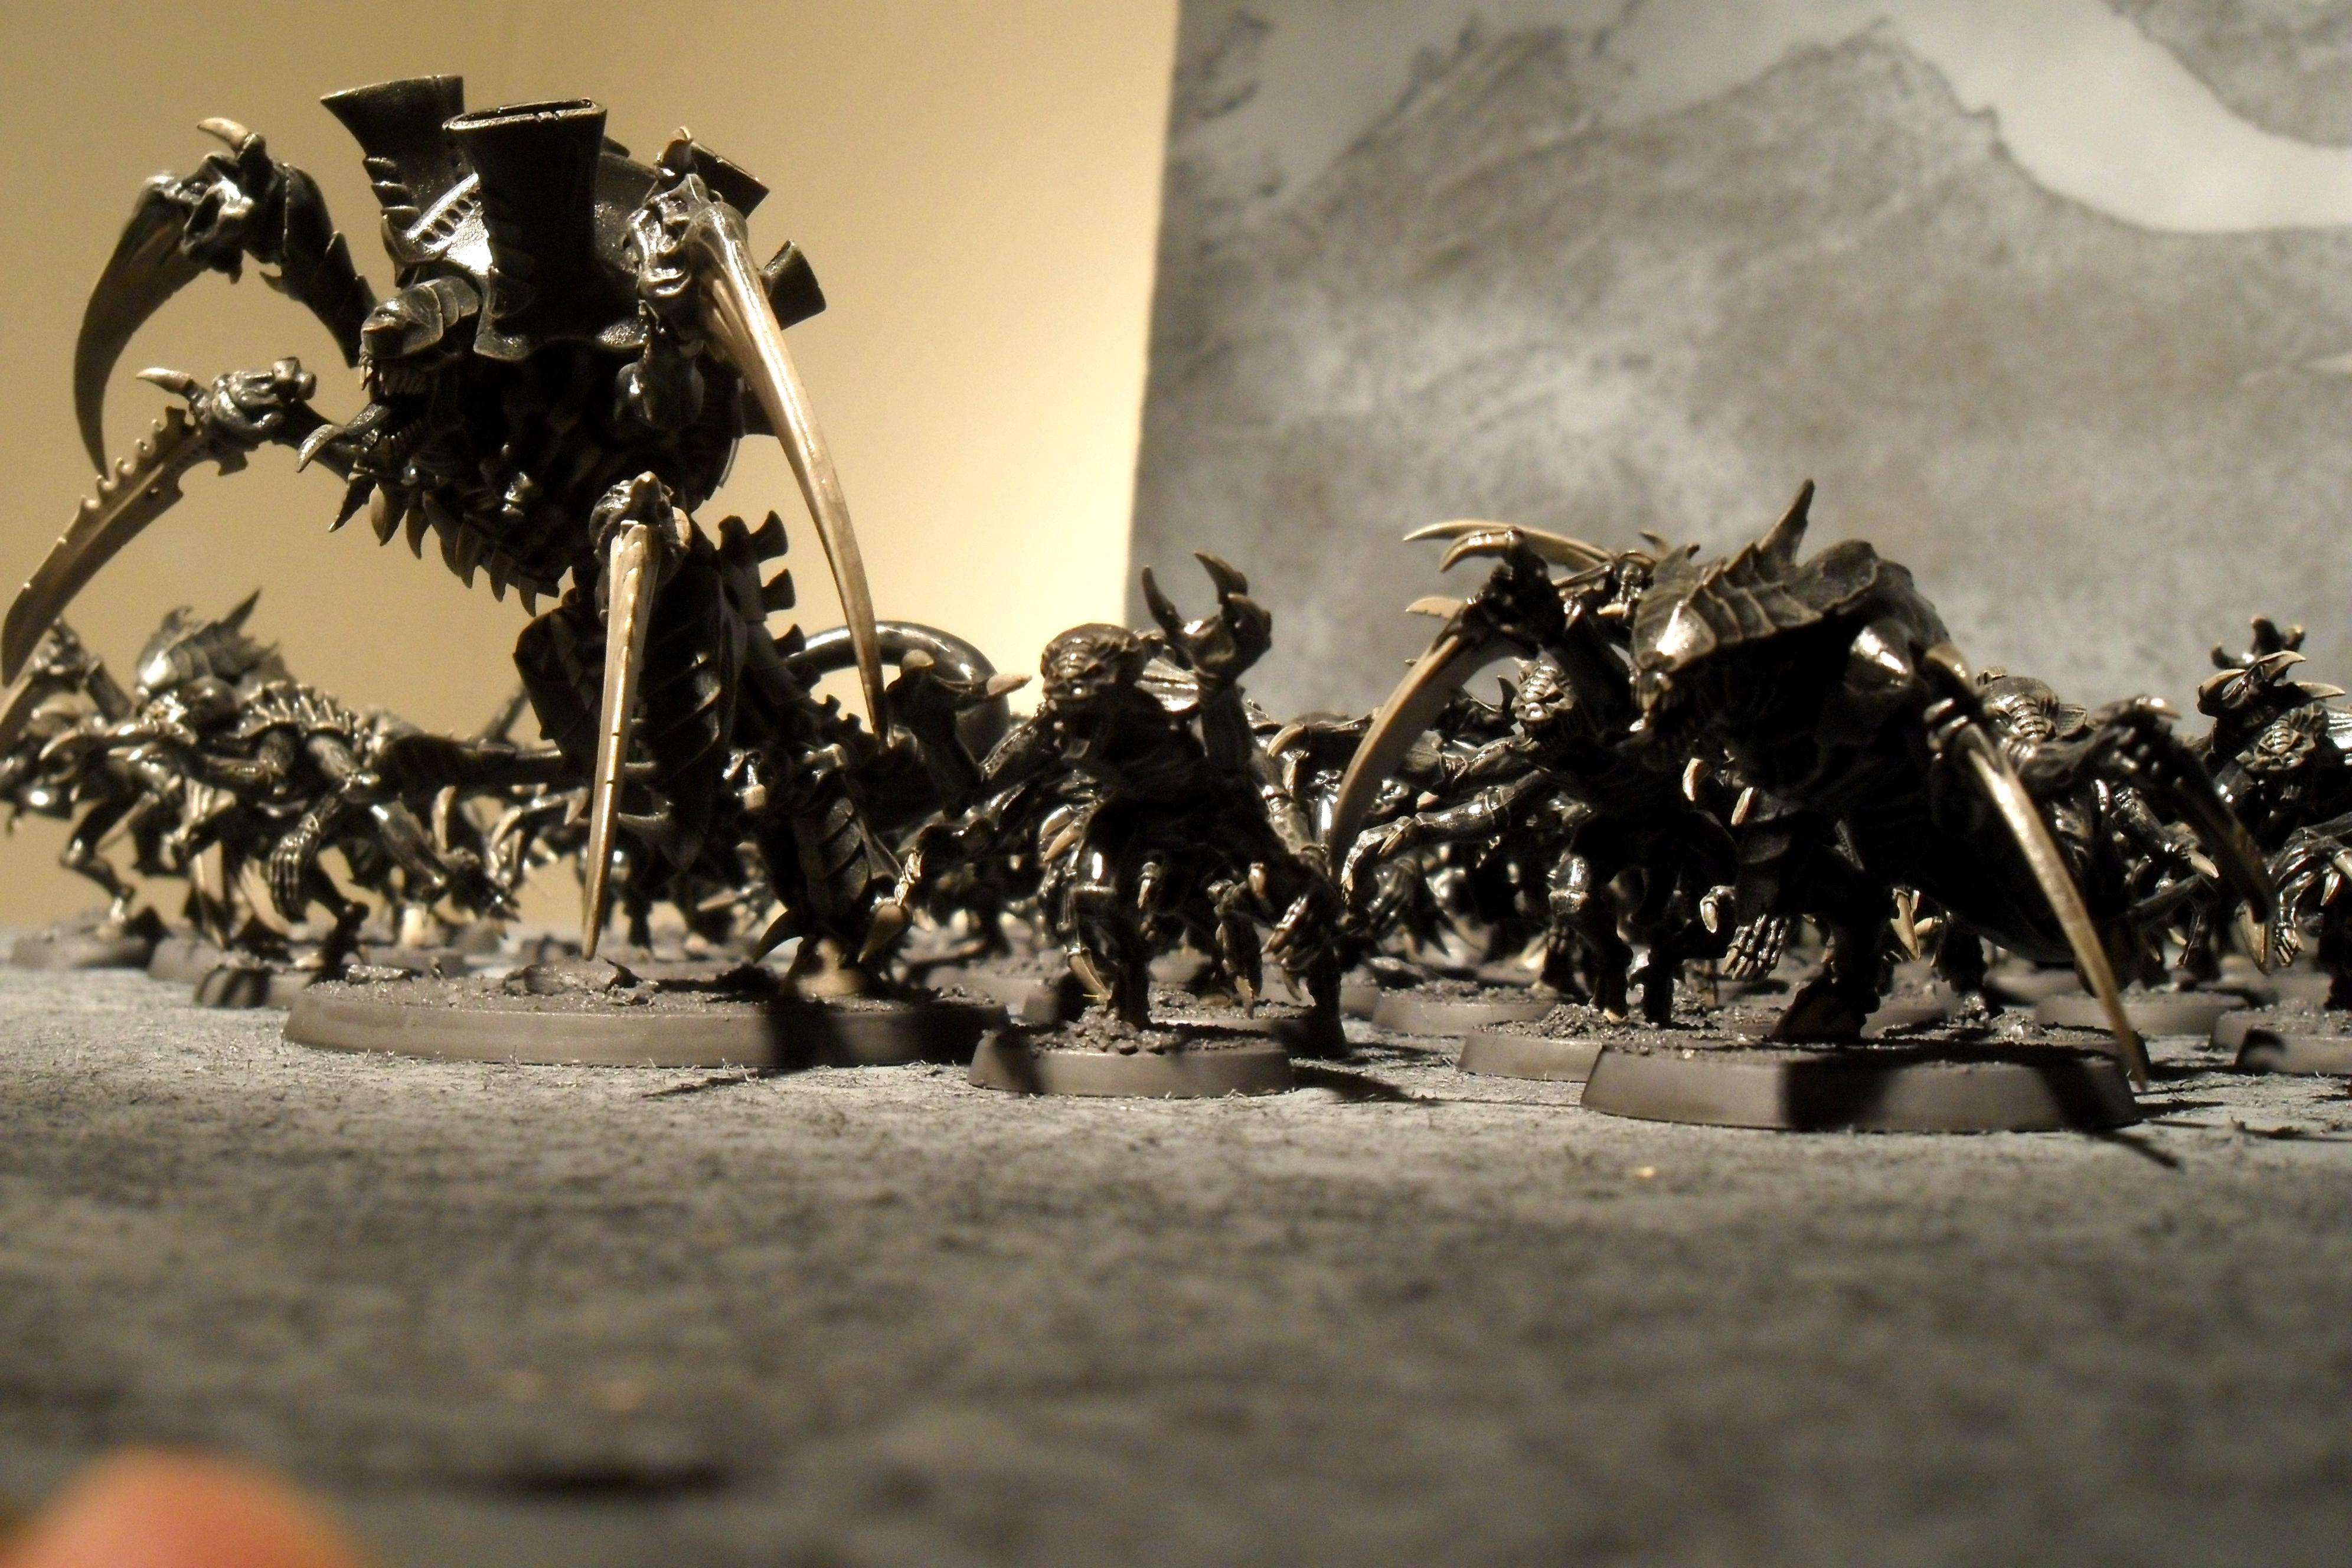 Genestealer, Swarm, Tyranids, Warhammer 40,000